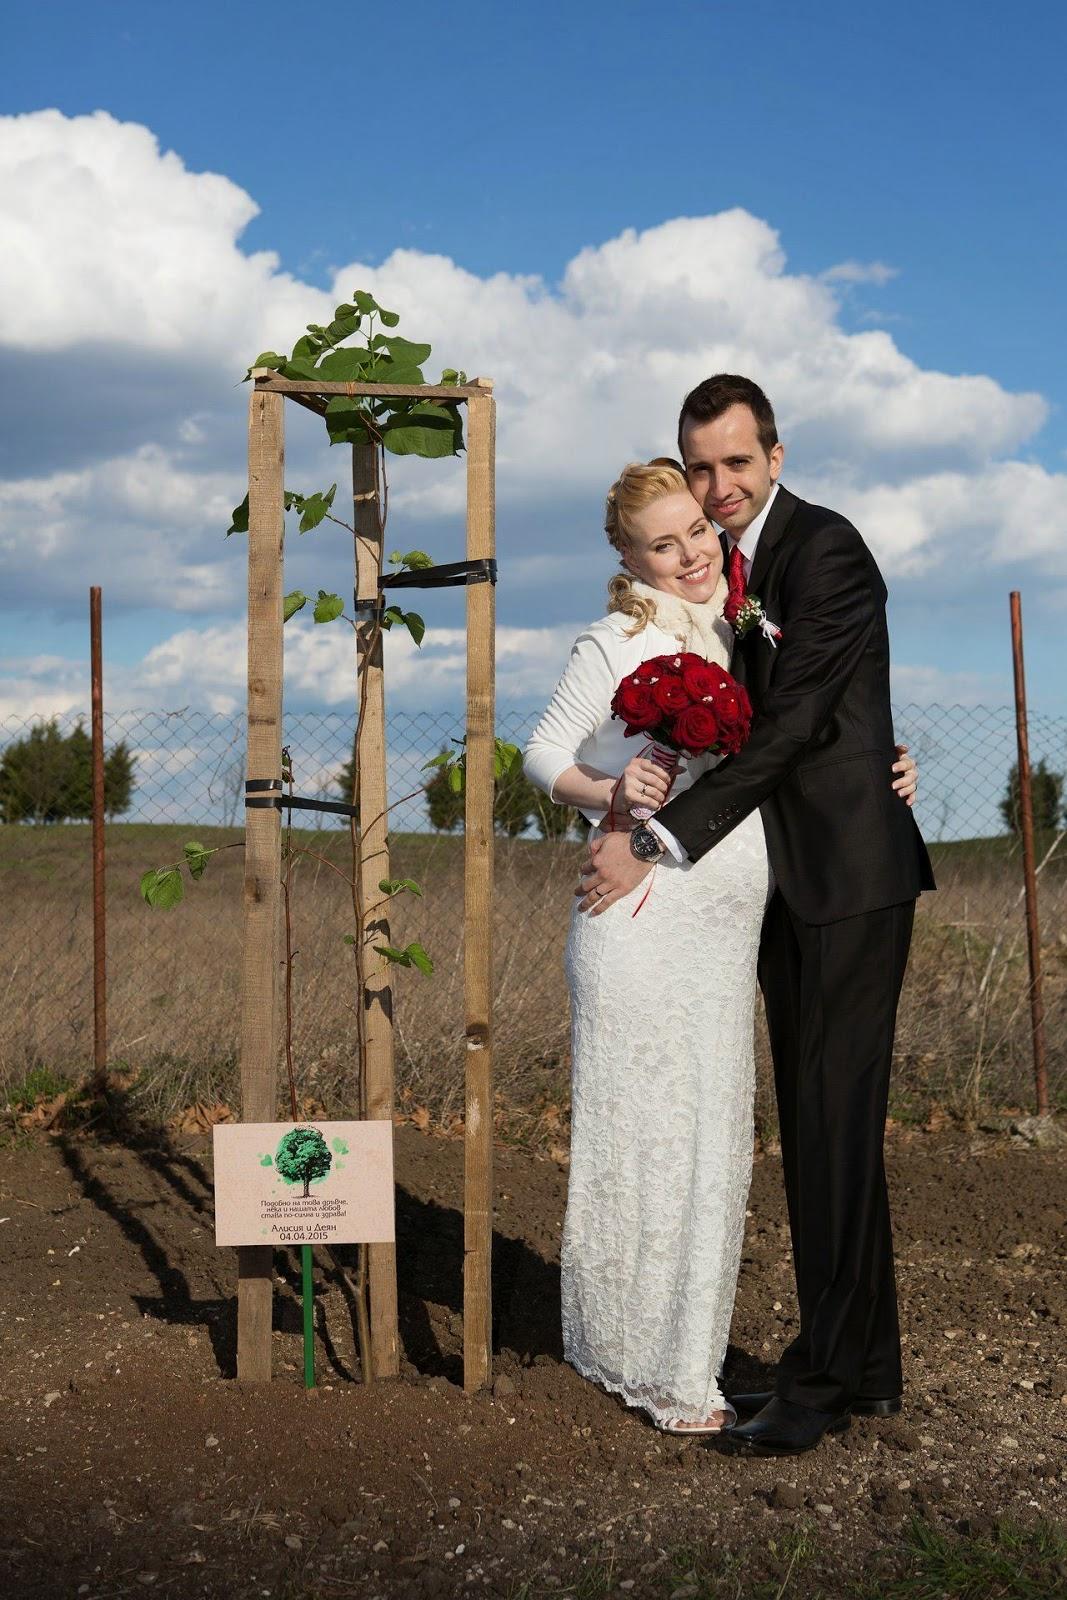 младоженци засаждат дърво в деня на сватбата си